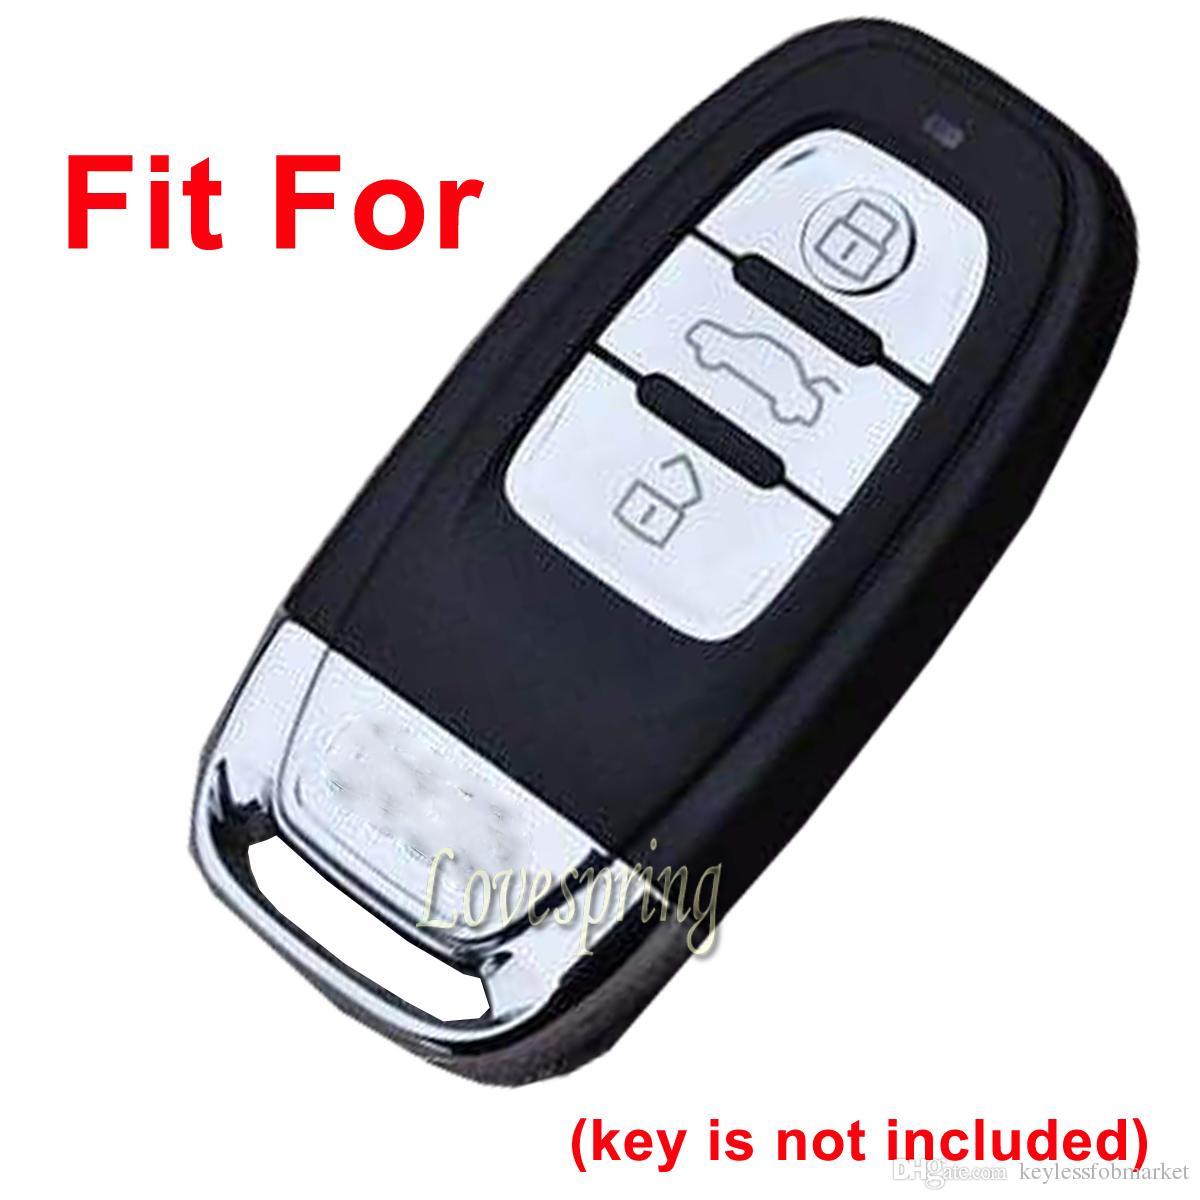 3 Botones Car Key Fob Control remoto Funda de la llave Titular de la piel Protector Shell sin llave para Audi A1 A3 A4 A5 A6 A7 A8 Q5 Q7 R8